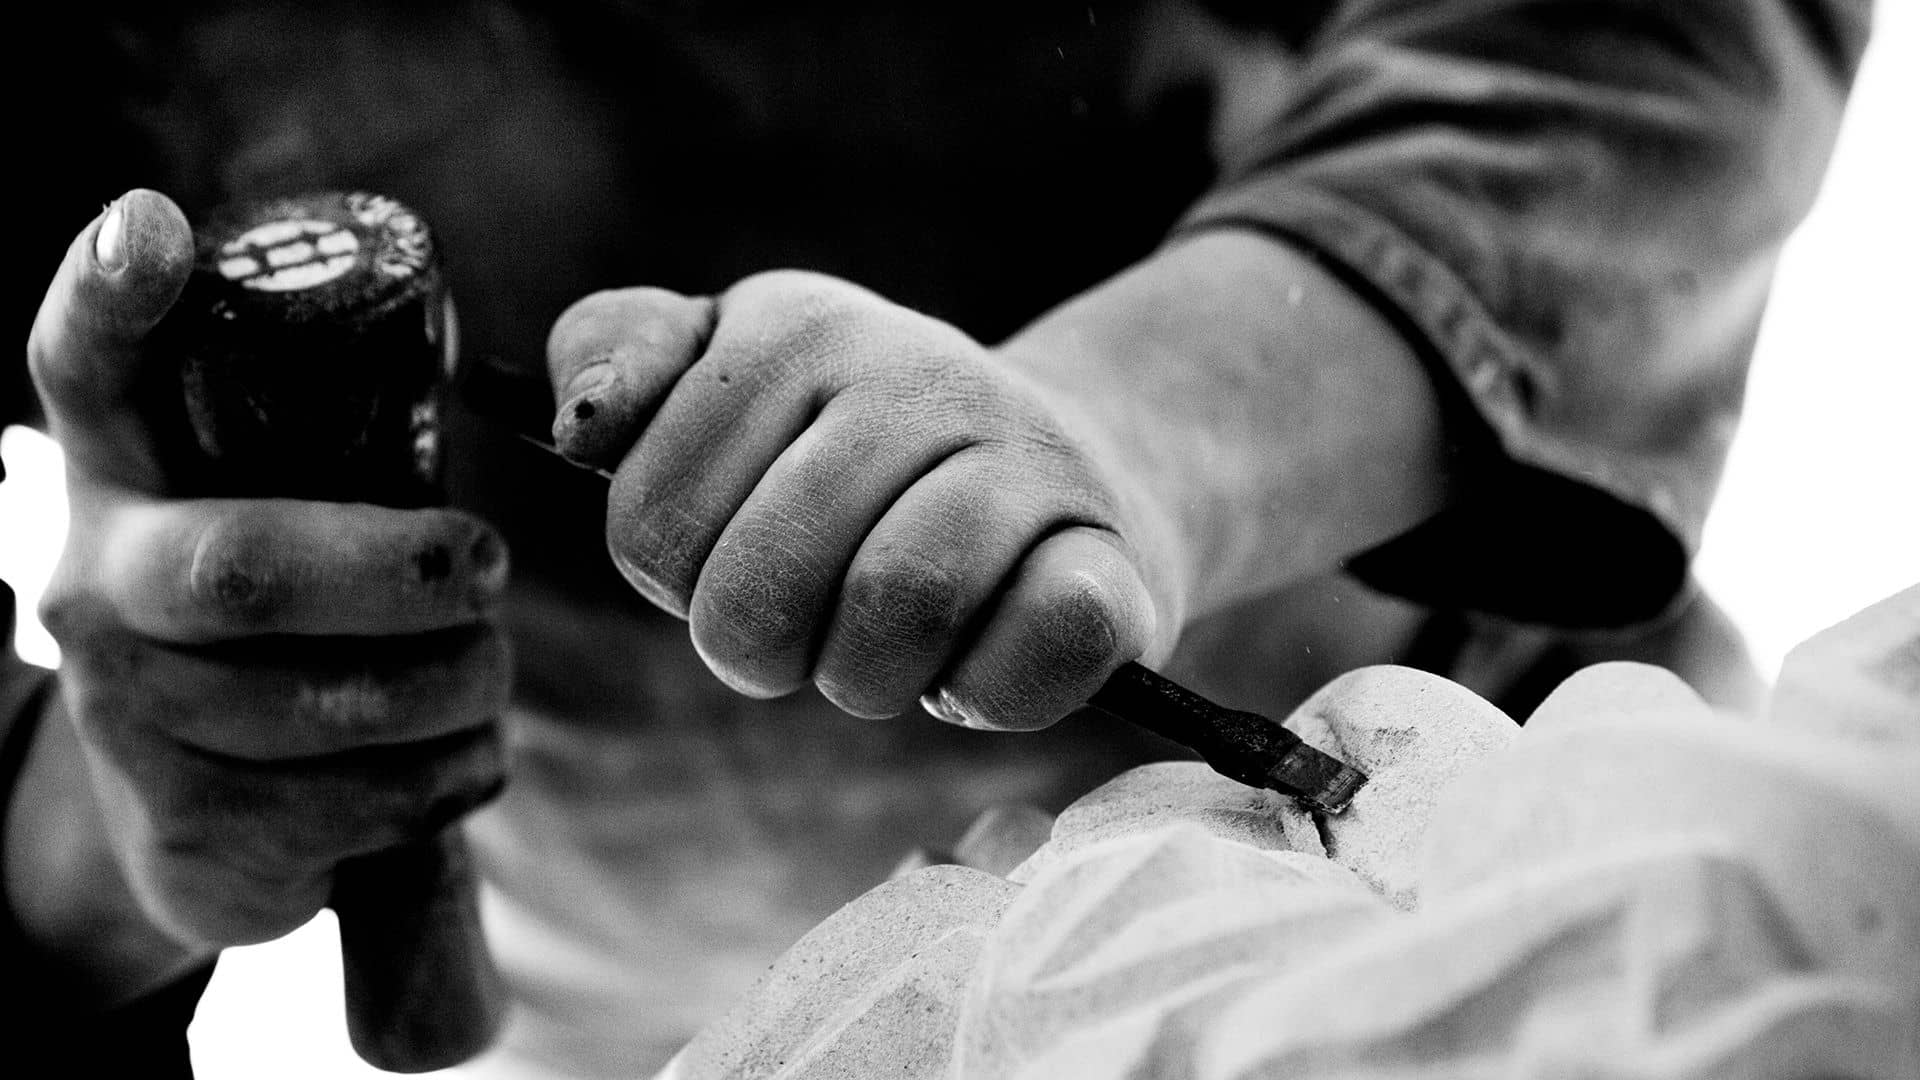 slider1-min Herramientas para Piedra | Sculpture Stone Tools